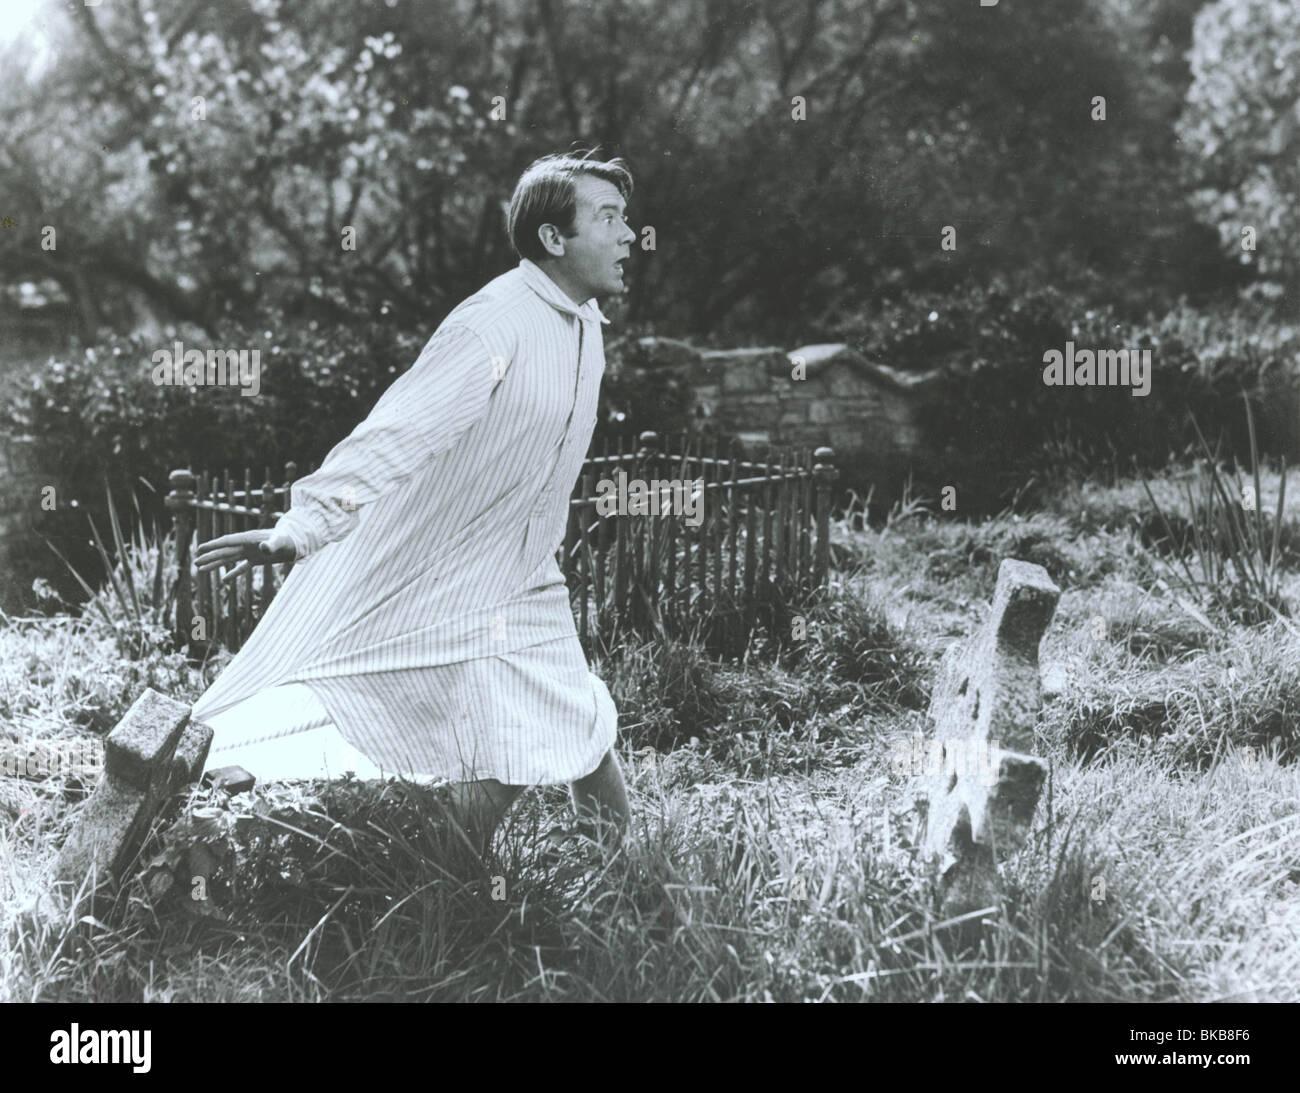 DIE GESCHICHTE DES HERRN POLLY (1949) JOHN MILLS HMP 003P Stockbild